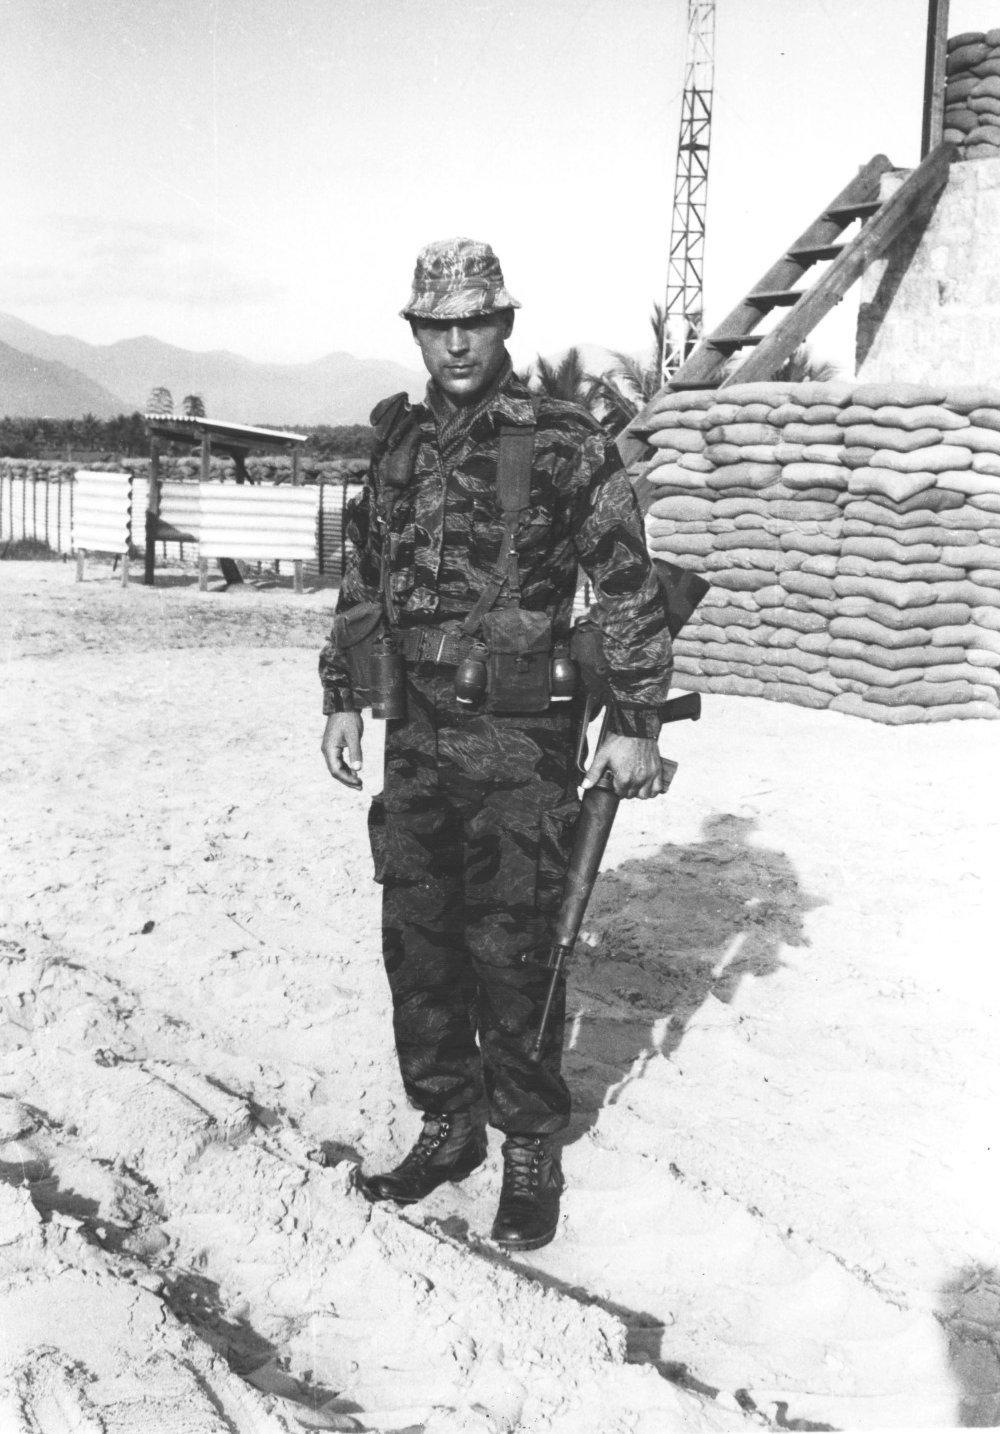 Description us special forces vietnam jpg